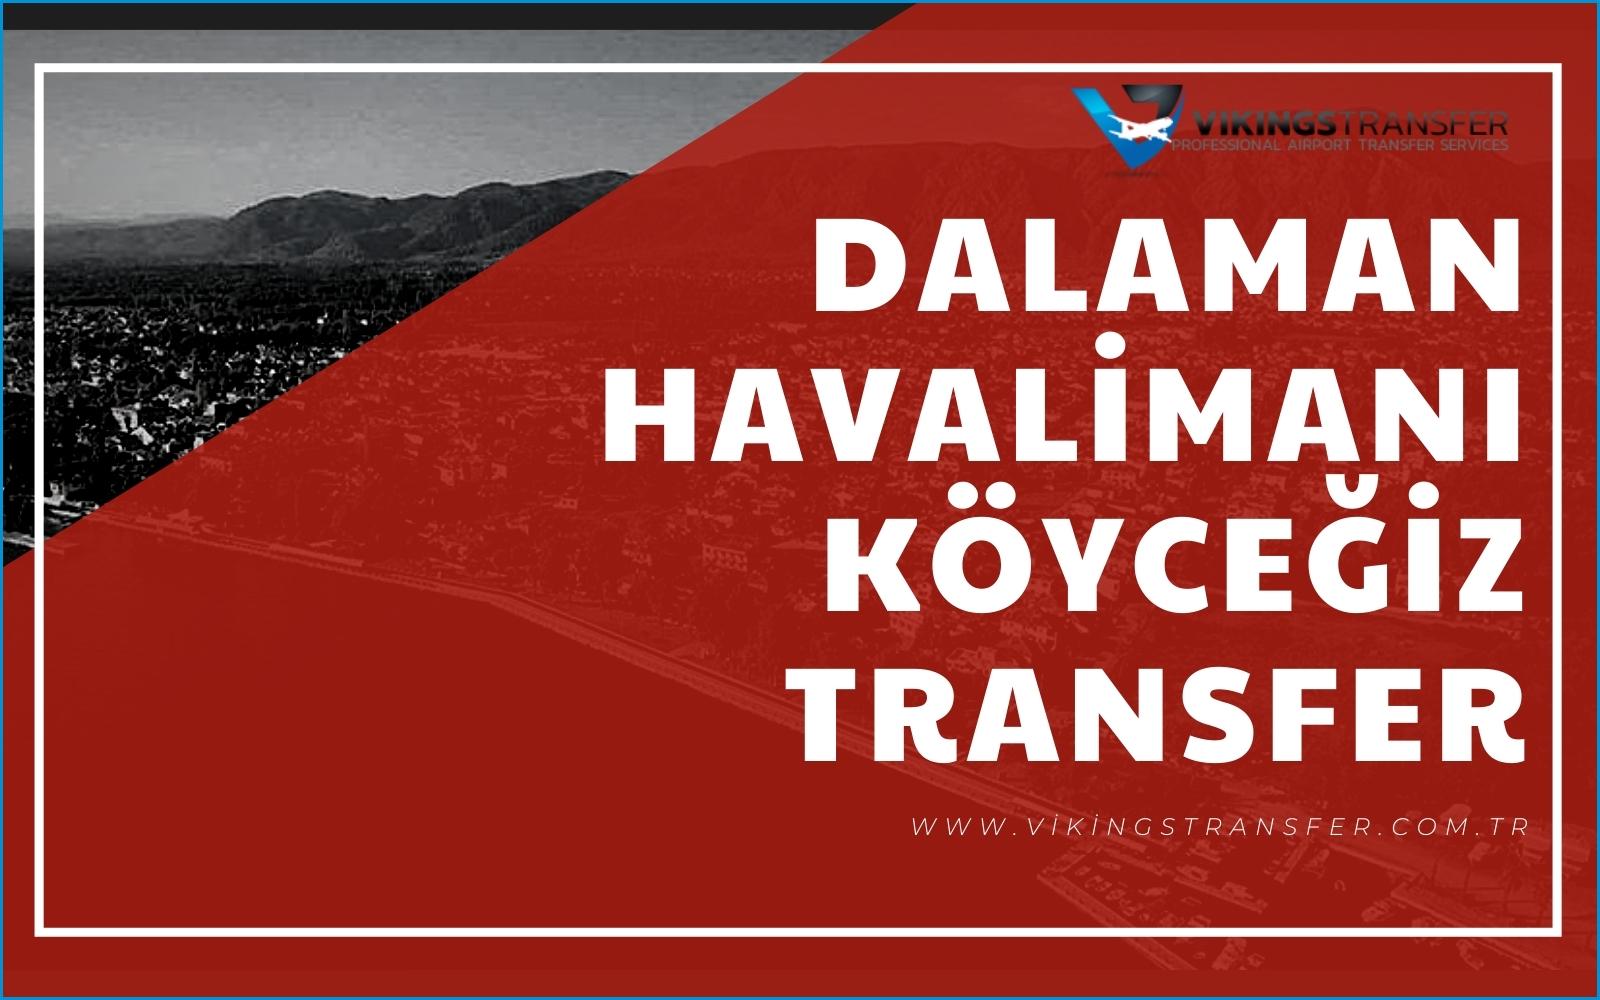 Dalaman havalimanı köyceğiz transfer